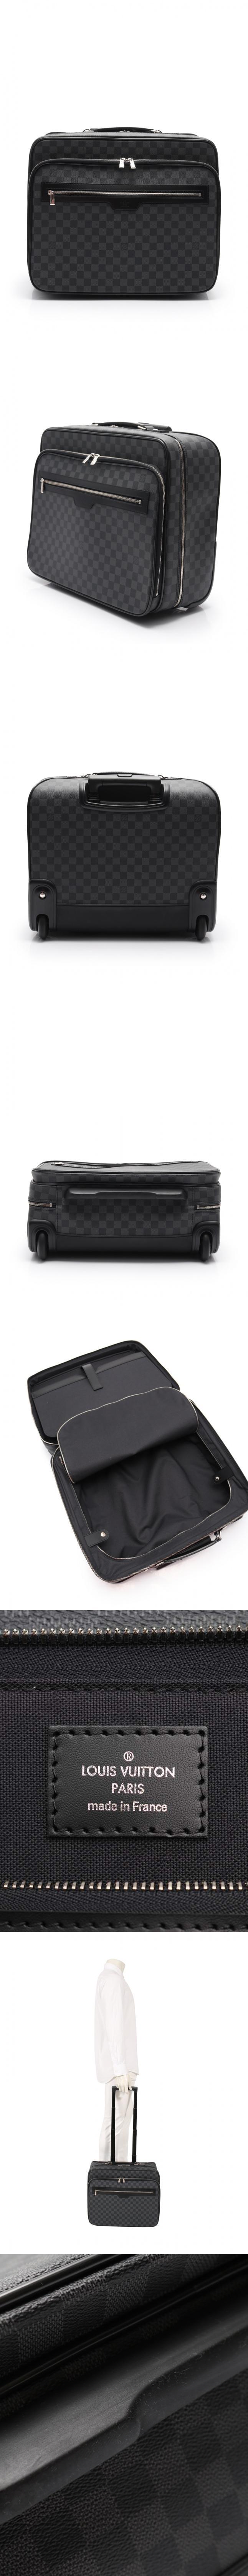 バッグ パイロットケース ダミエグラフィット 黒 N23206 PVC レザー